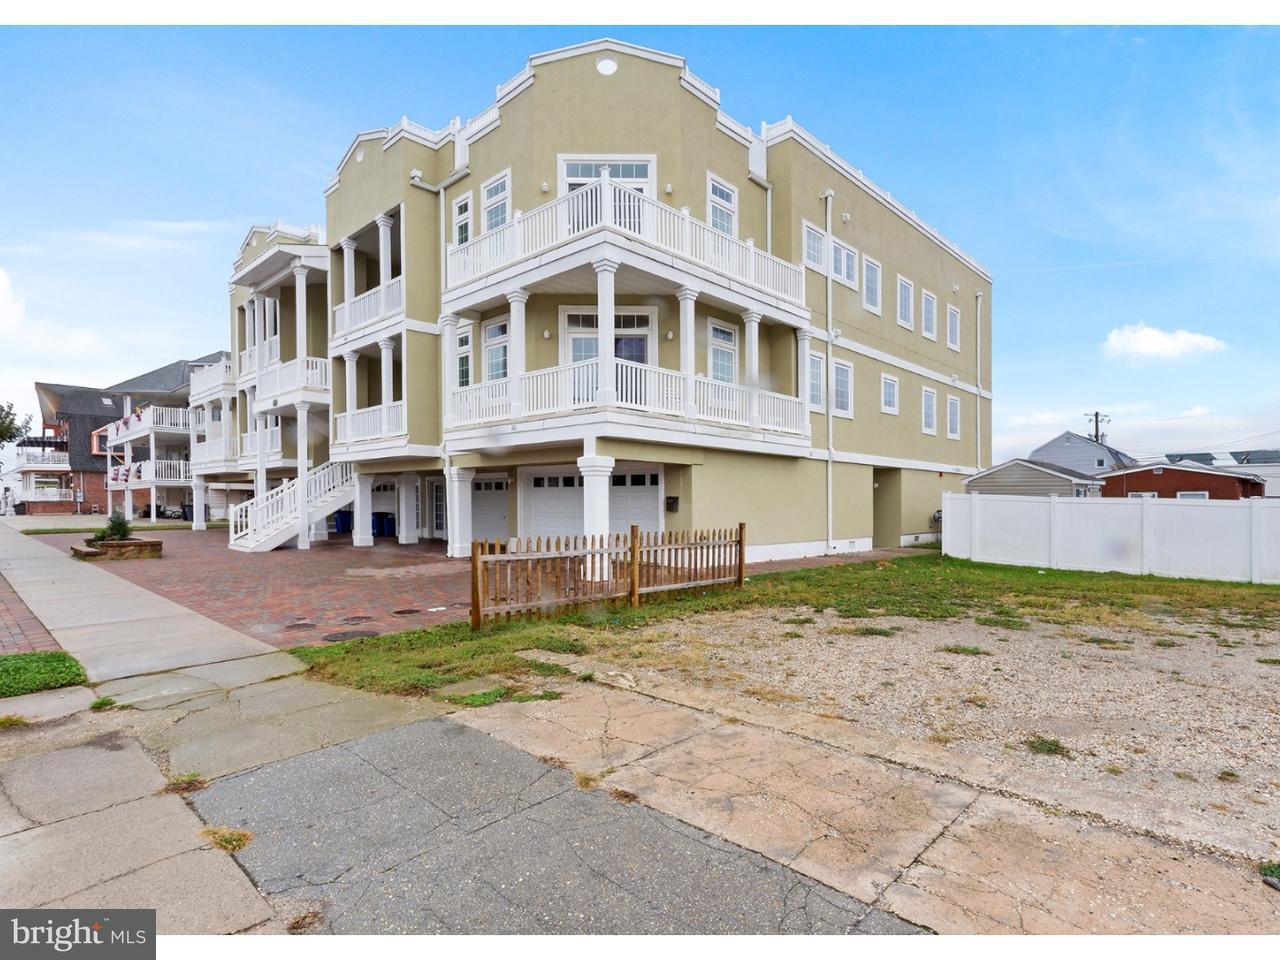 Casa unifamiliar adosada (Townhouse) por un Venta en 110 E WALNUT AVE #101 North Wildwood, Nueva Jersey 08260 Estados Unidos